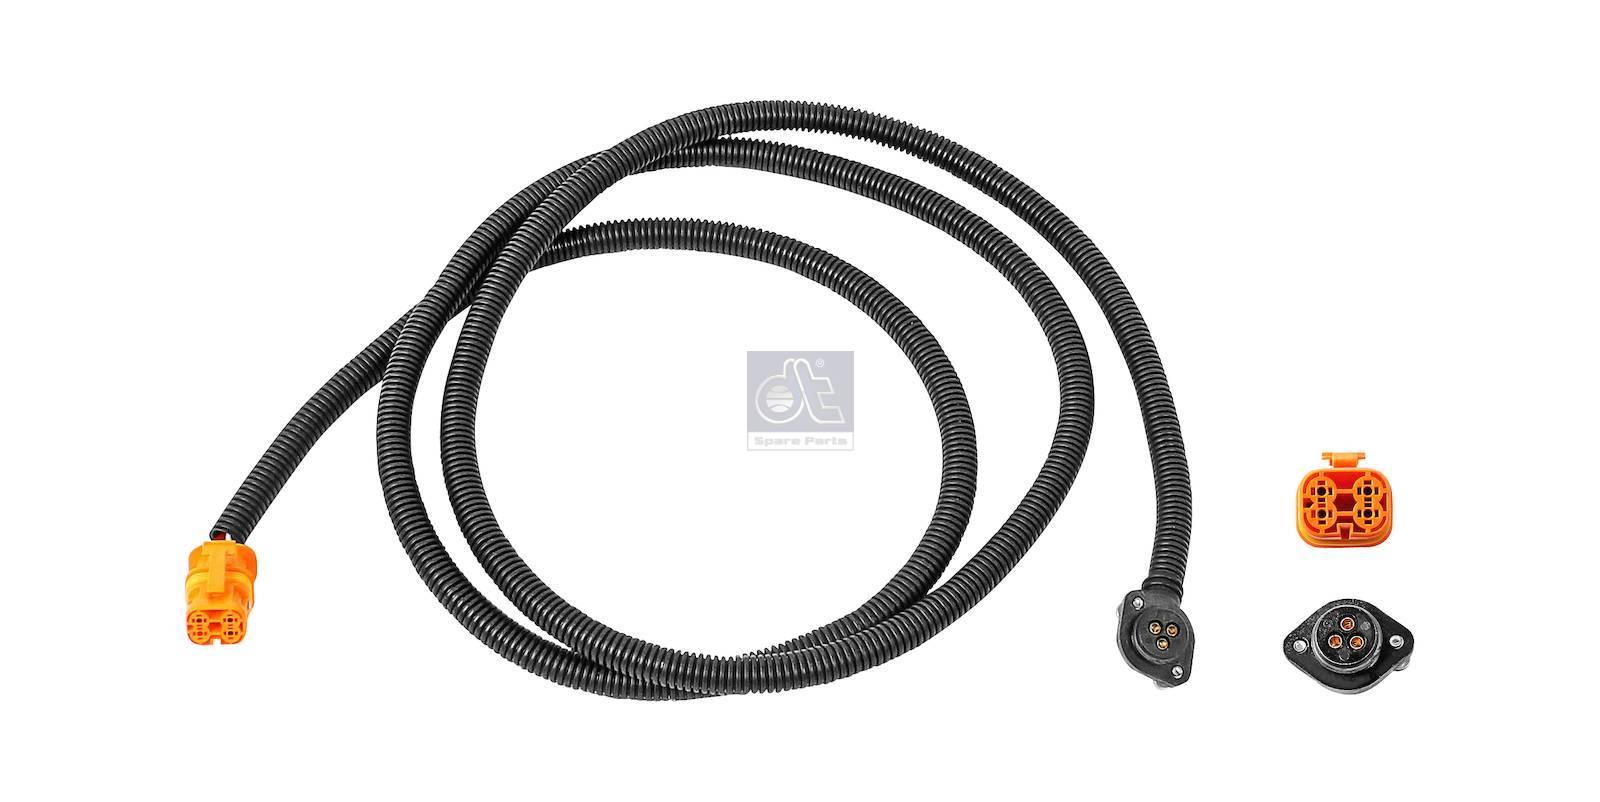 Dt 3 Cable Harness Orange 81 Suitable